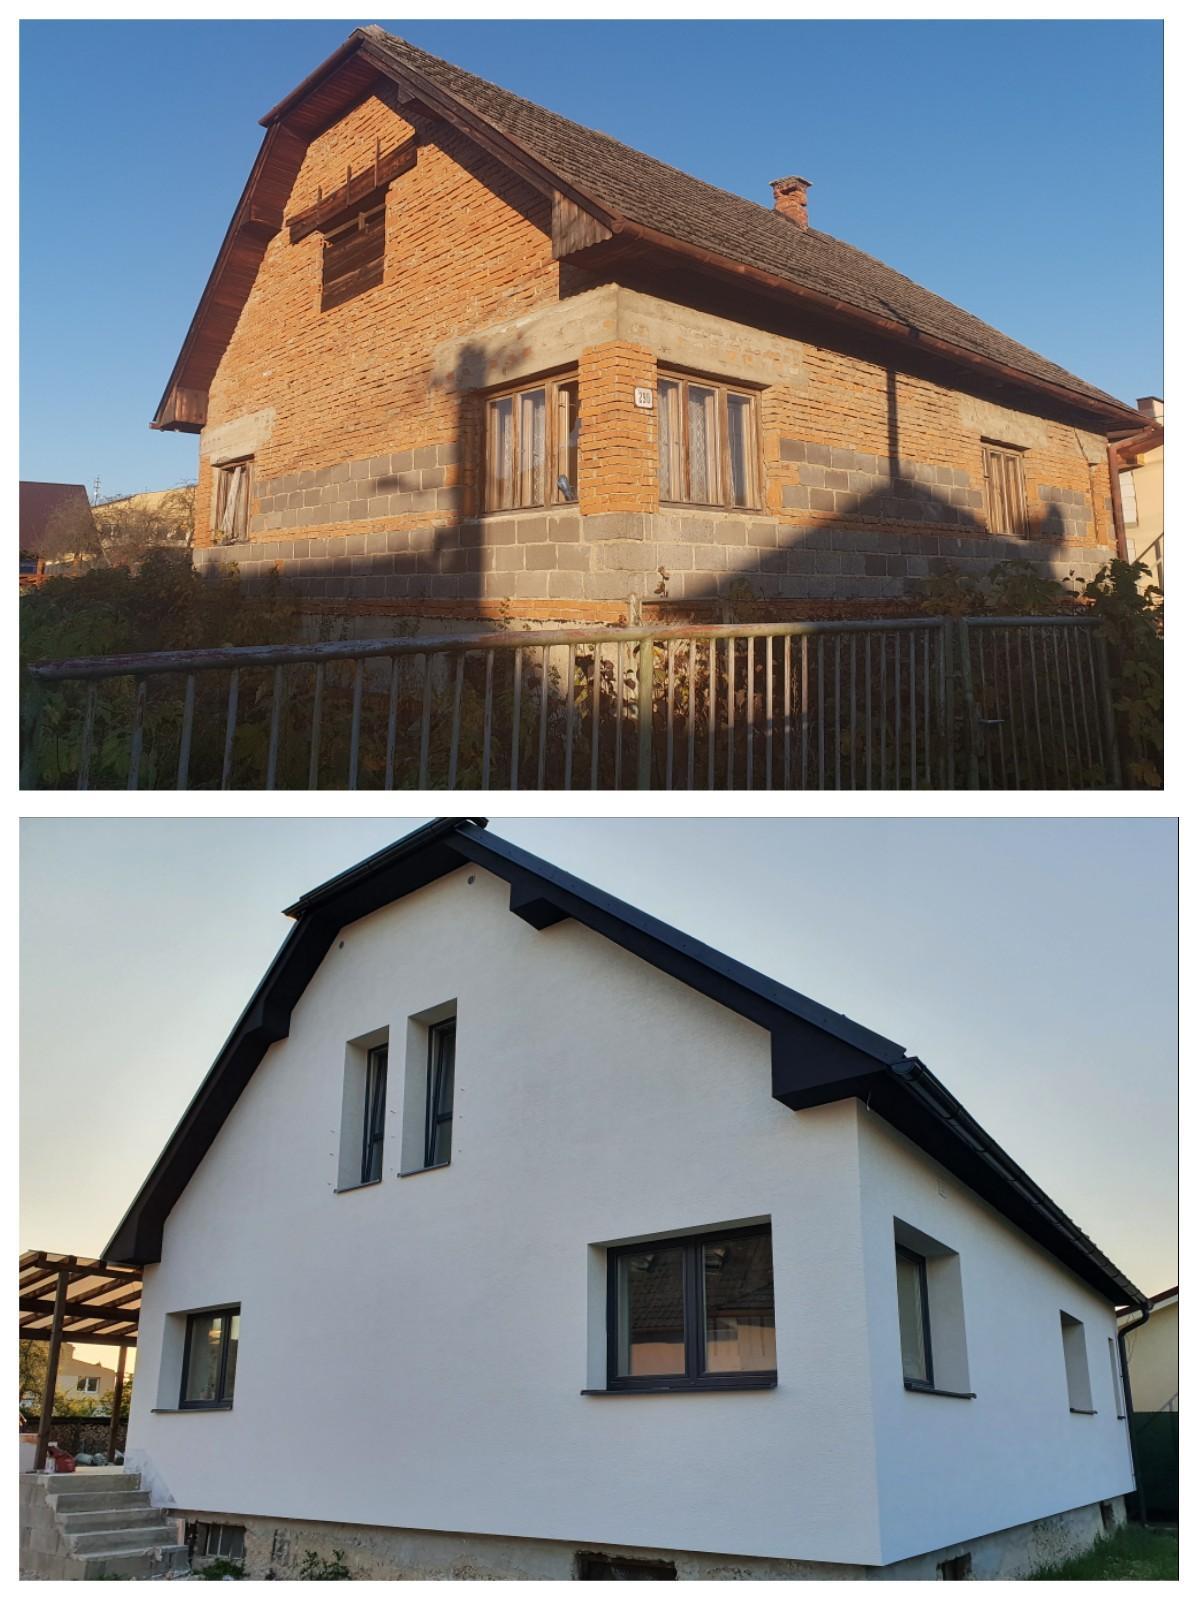 Rekonštrukcia domu-alebo chceme si splniť sen =》🏠🌻🌼🐶  mat domcek a vratit sa na Slovensko - Obrázok č. 768